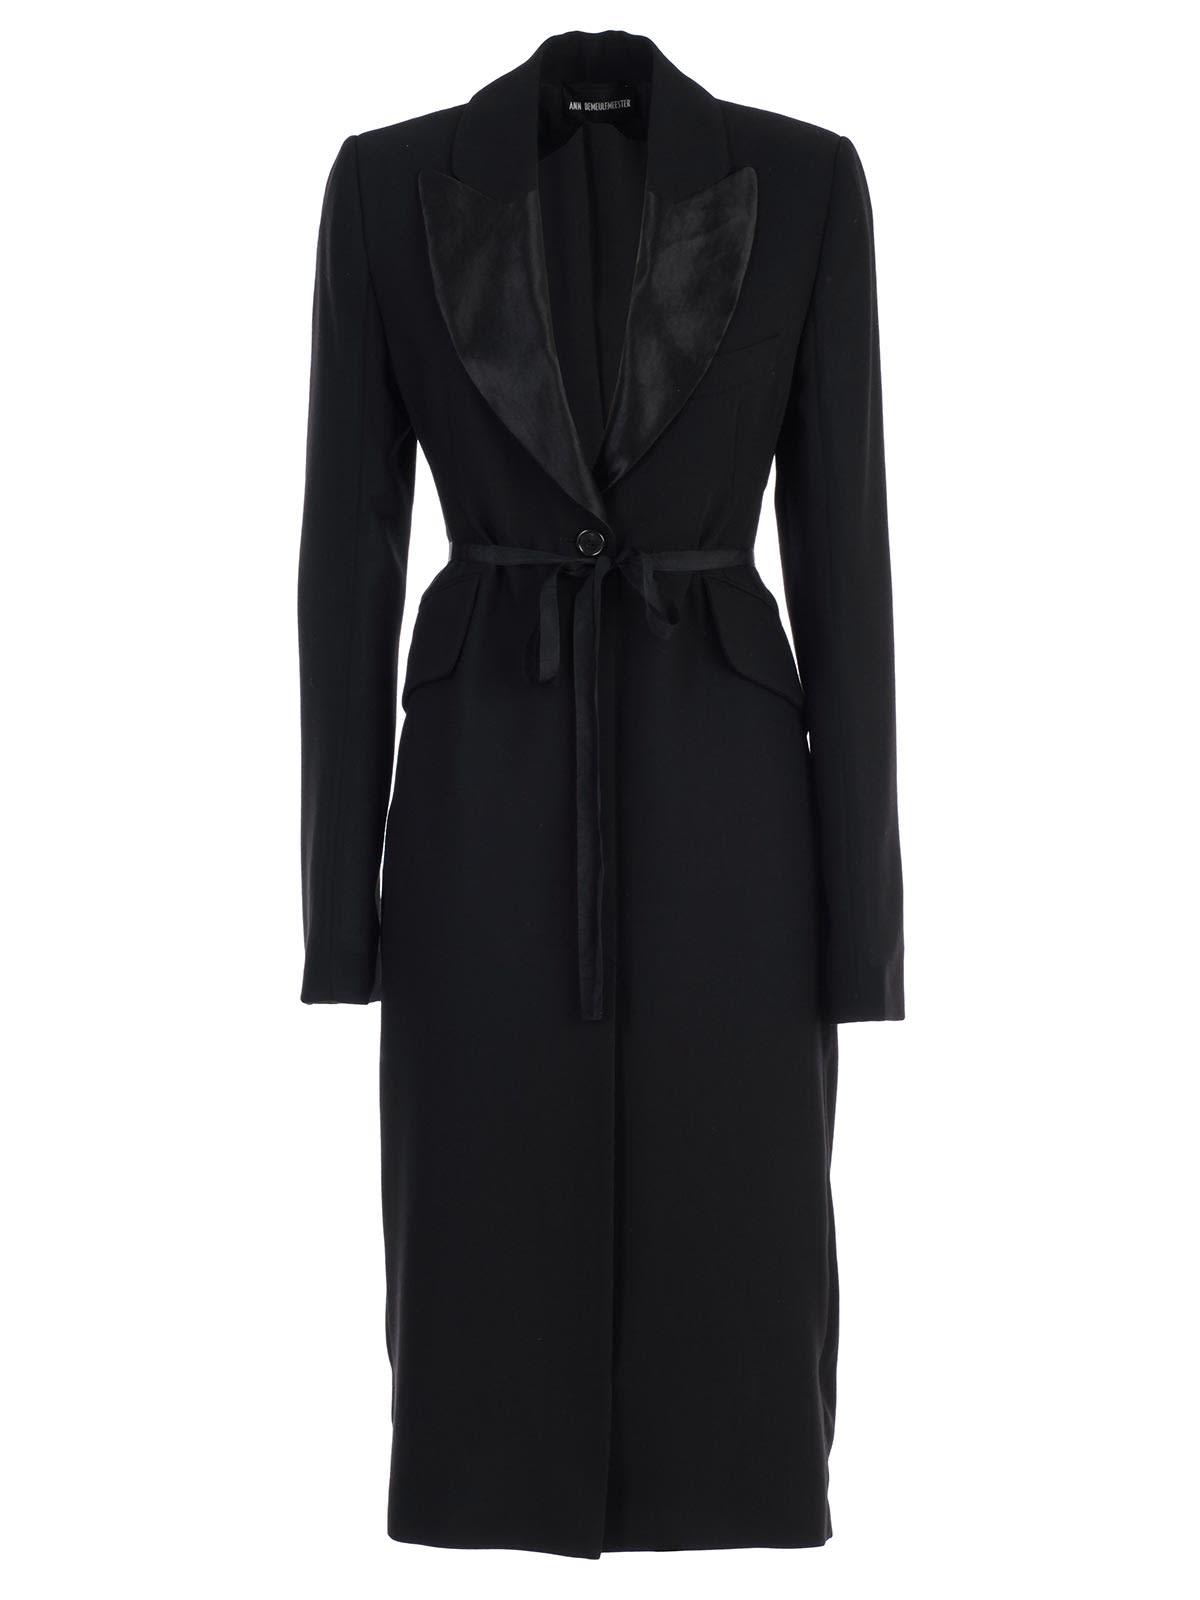 Ann Demeulemeester Oversized Sleeve Coat